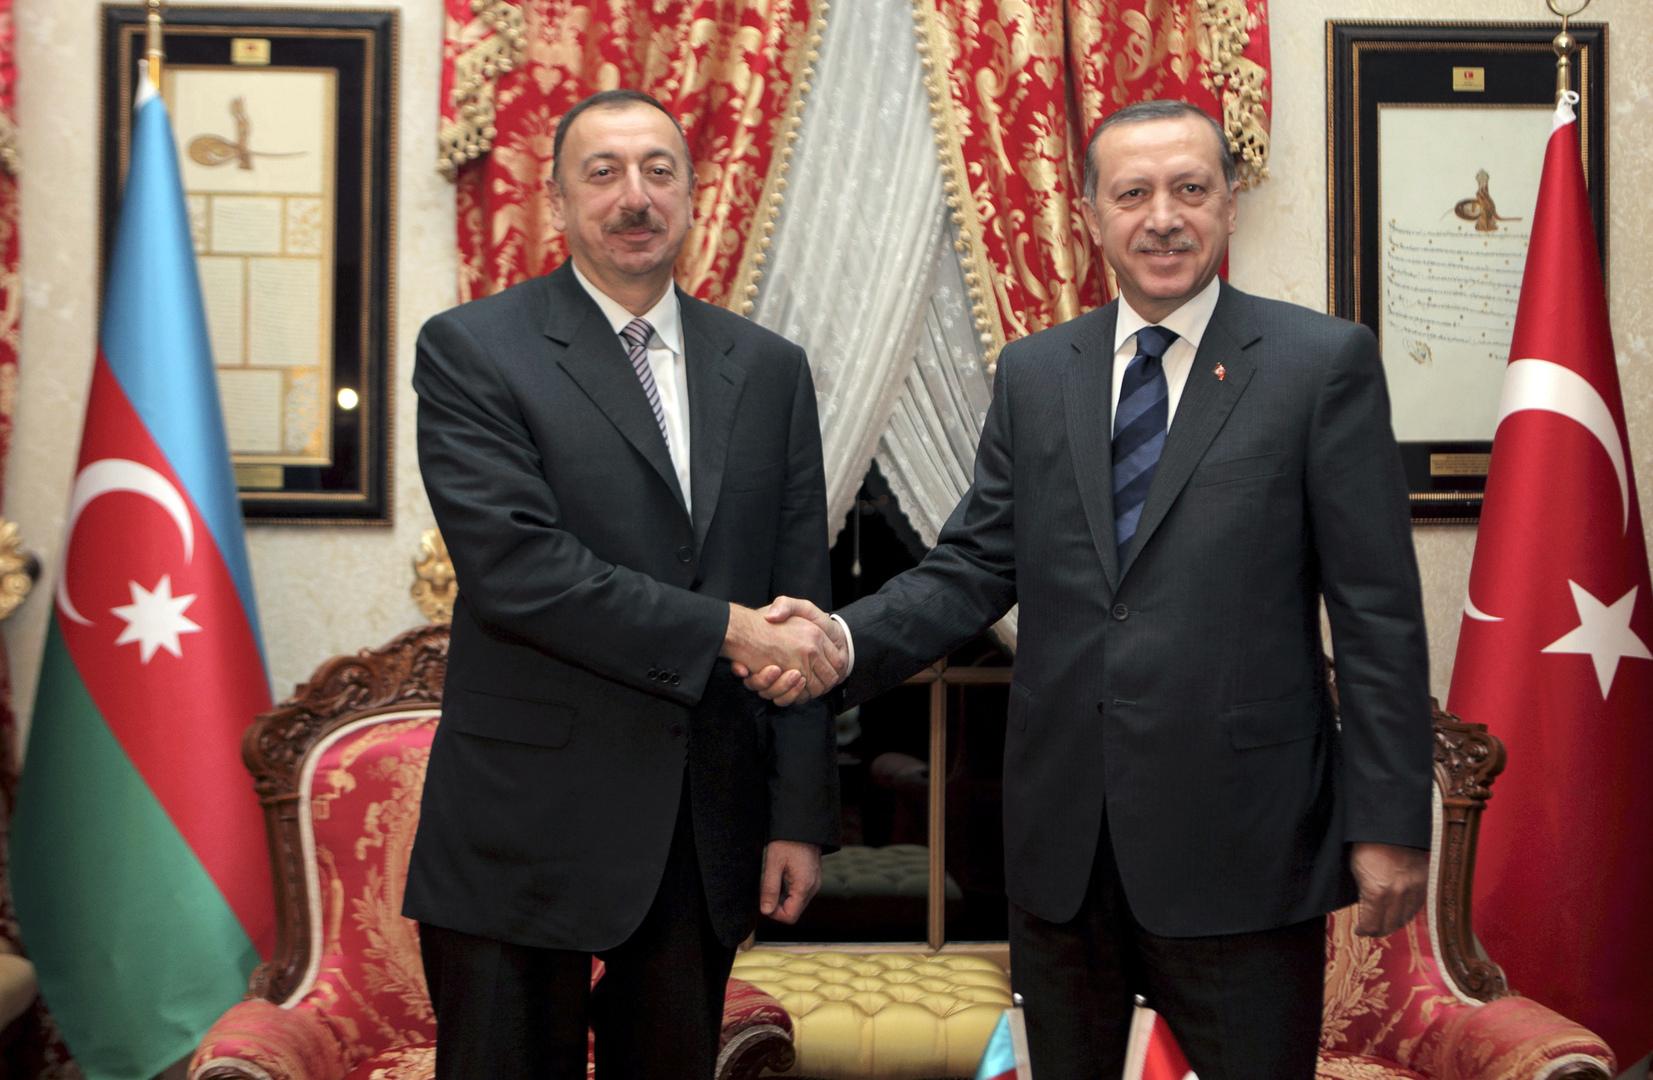 أذربيجان تساند تركيا وتعتبر اعتراف بايدن بإبادة الأرمن